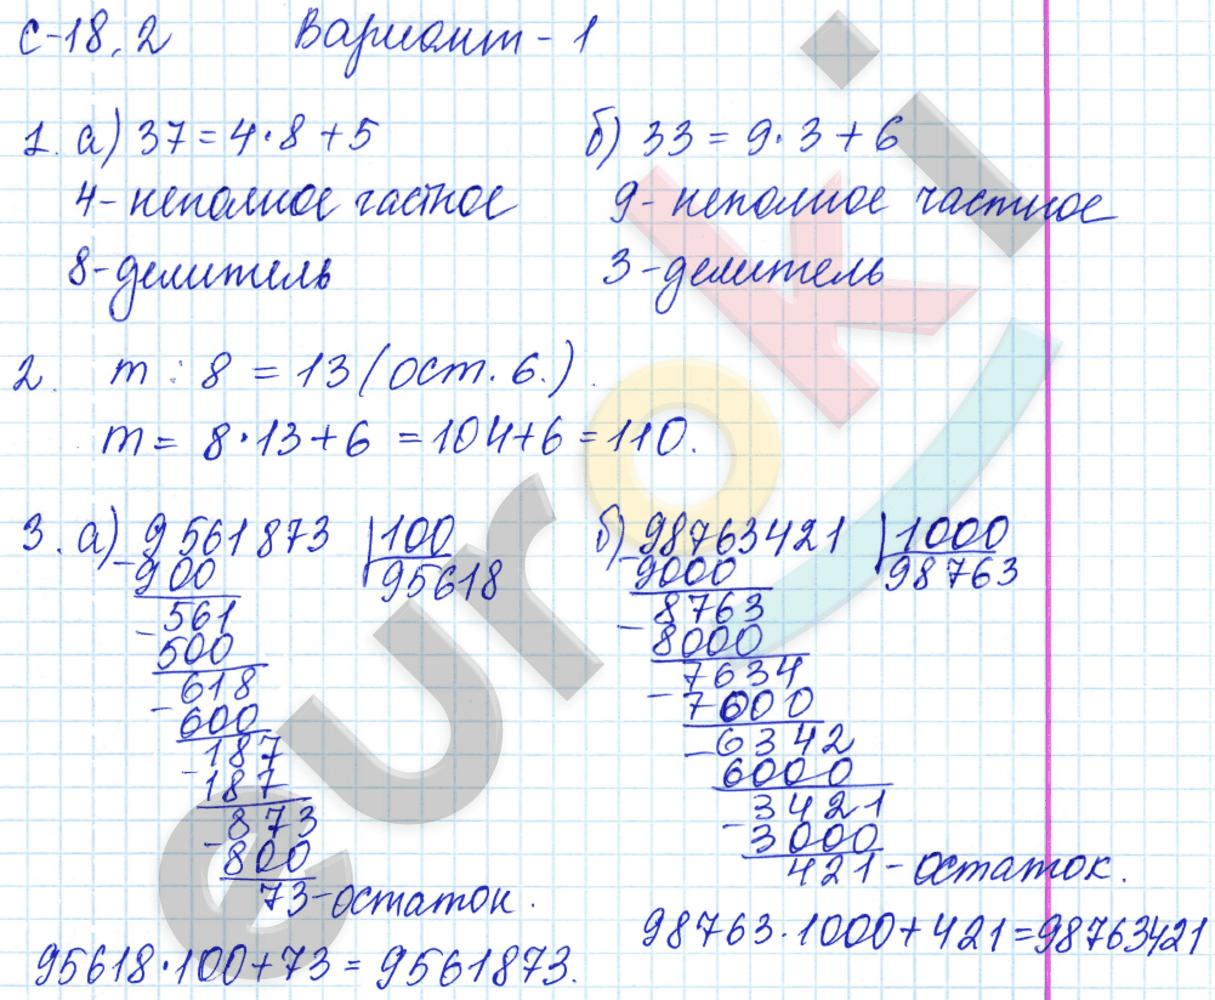 ГДЗ по математике 5 класс самостоятельные работы Зубарева, Мильштейн, Шанцева Тема 2. Обыкновенные дроби, С-18.2. Деление с остатком. Задание: Вариант 1